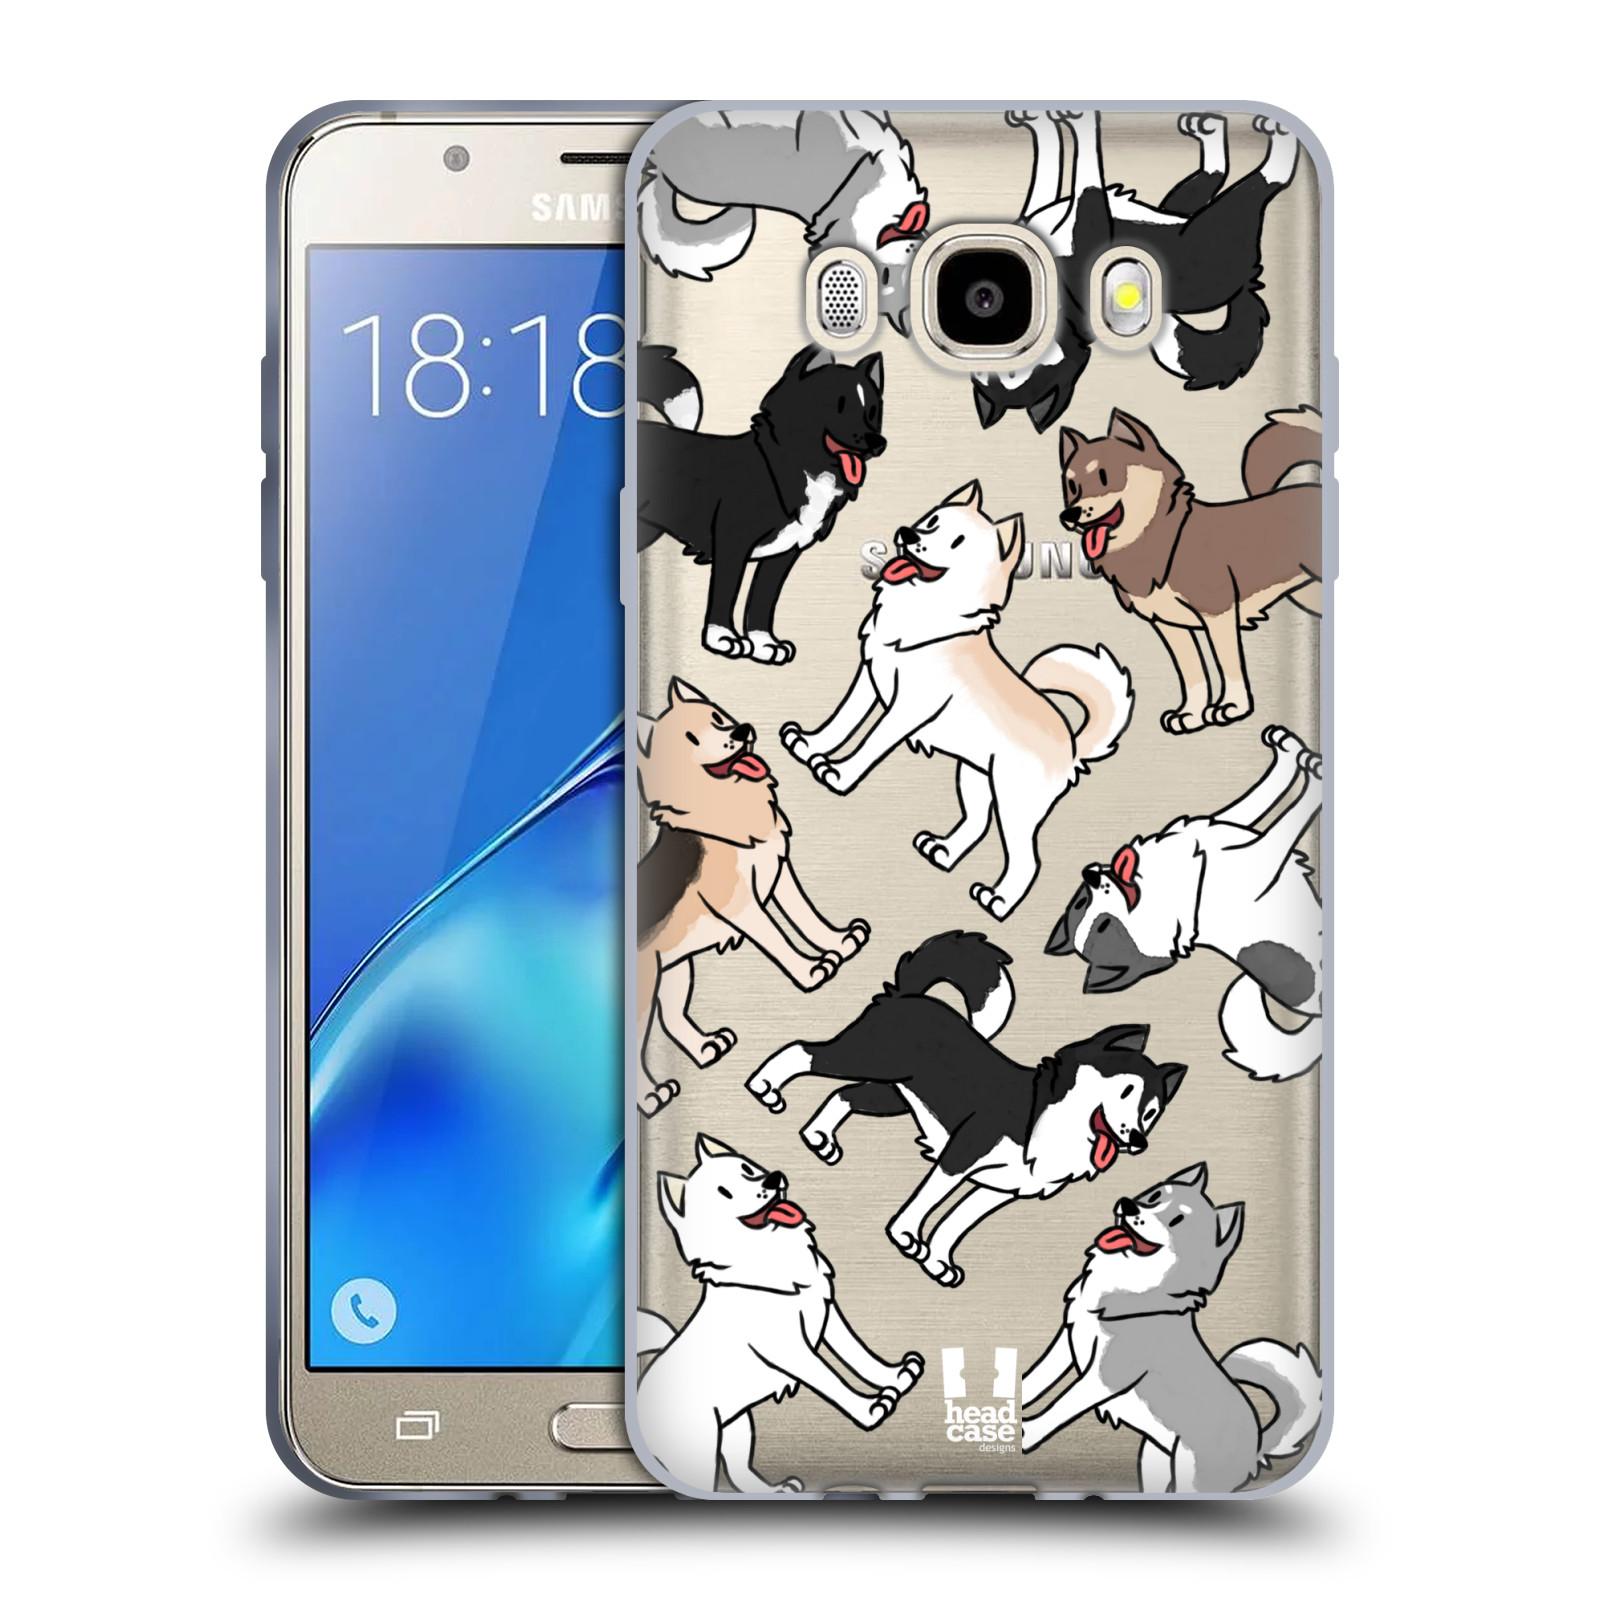 HEAD CASE silikonový obal na mobil Samsung Galaxy J5 2016 (J510) pejsek Sibiřský husky